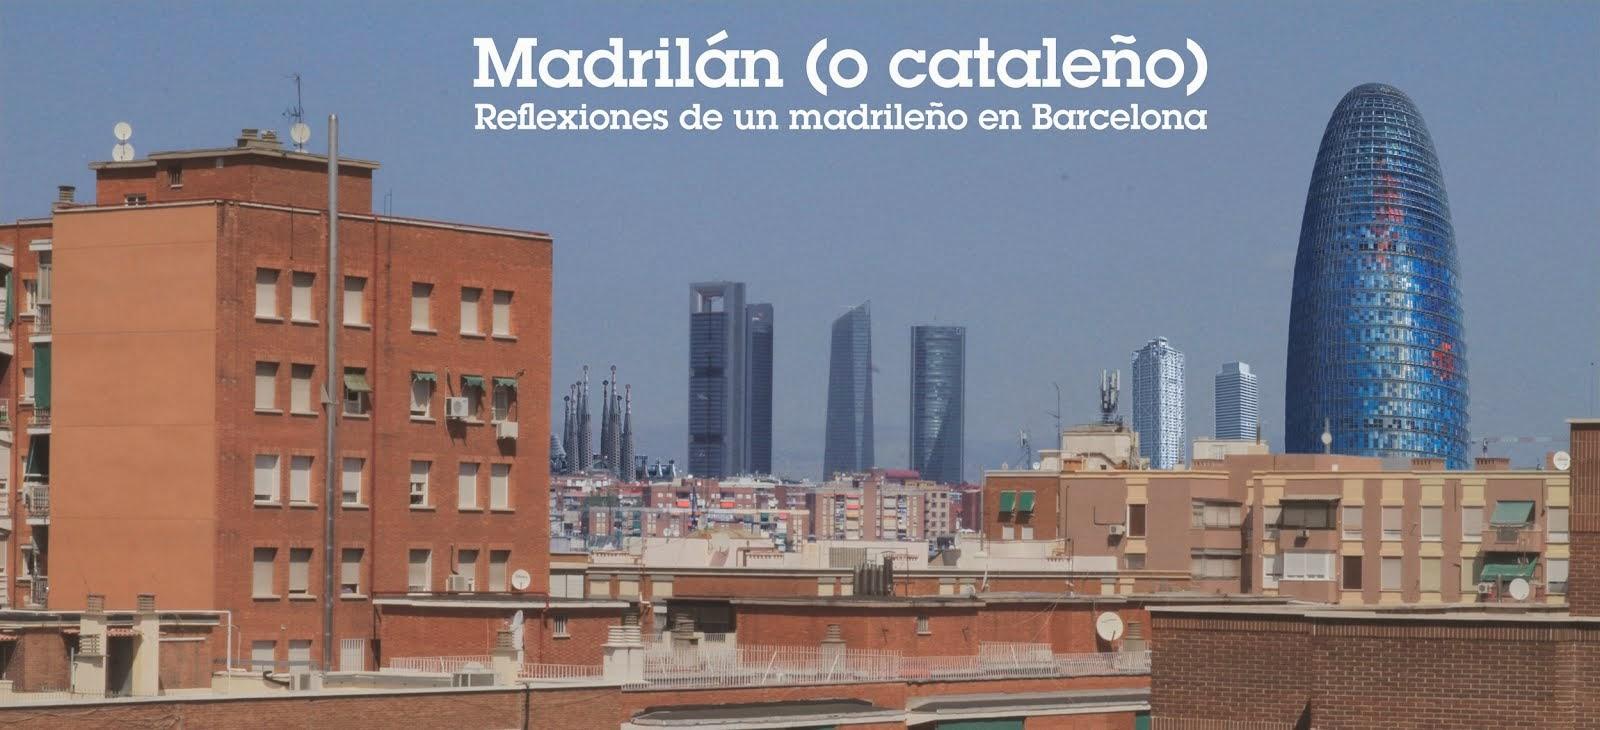 Madrilán (o cataleño): Reflexiones de un madrileño en Barcelona